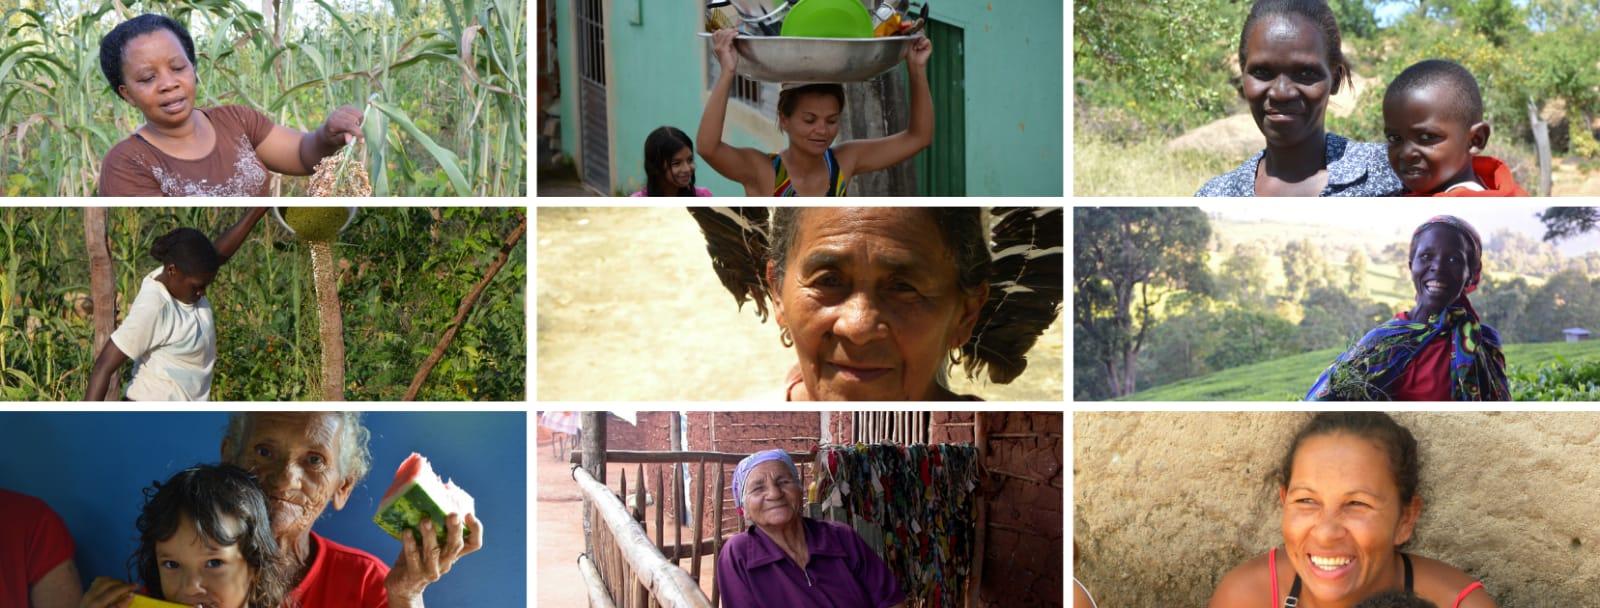 Buona Festa delle Donne dall'Associazione Amici di Joaquim Gomes